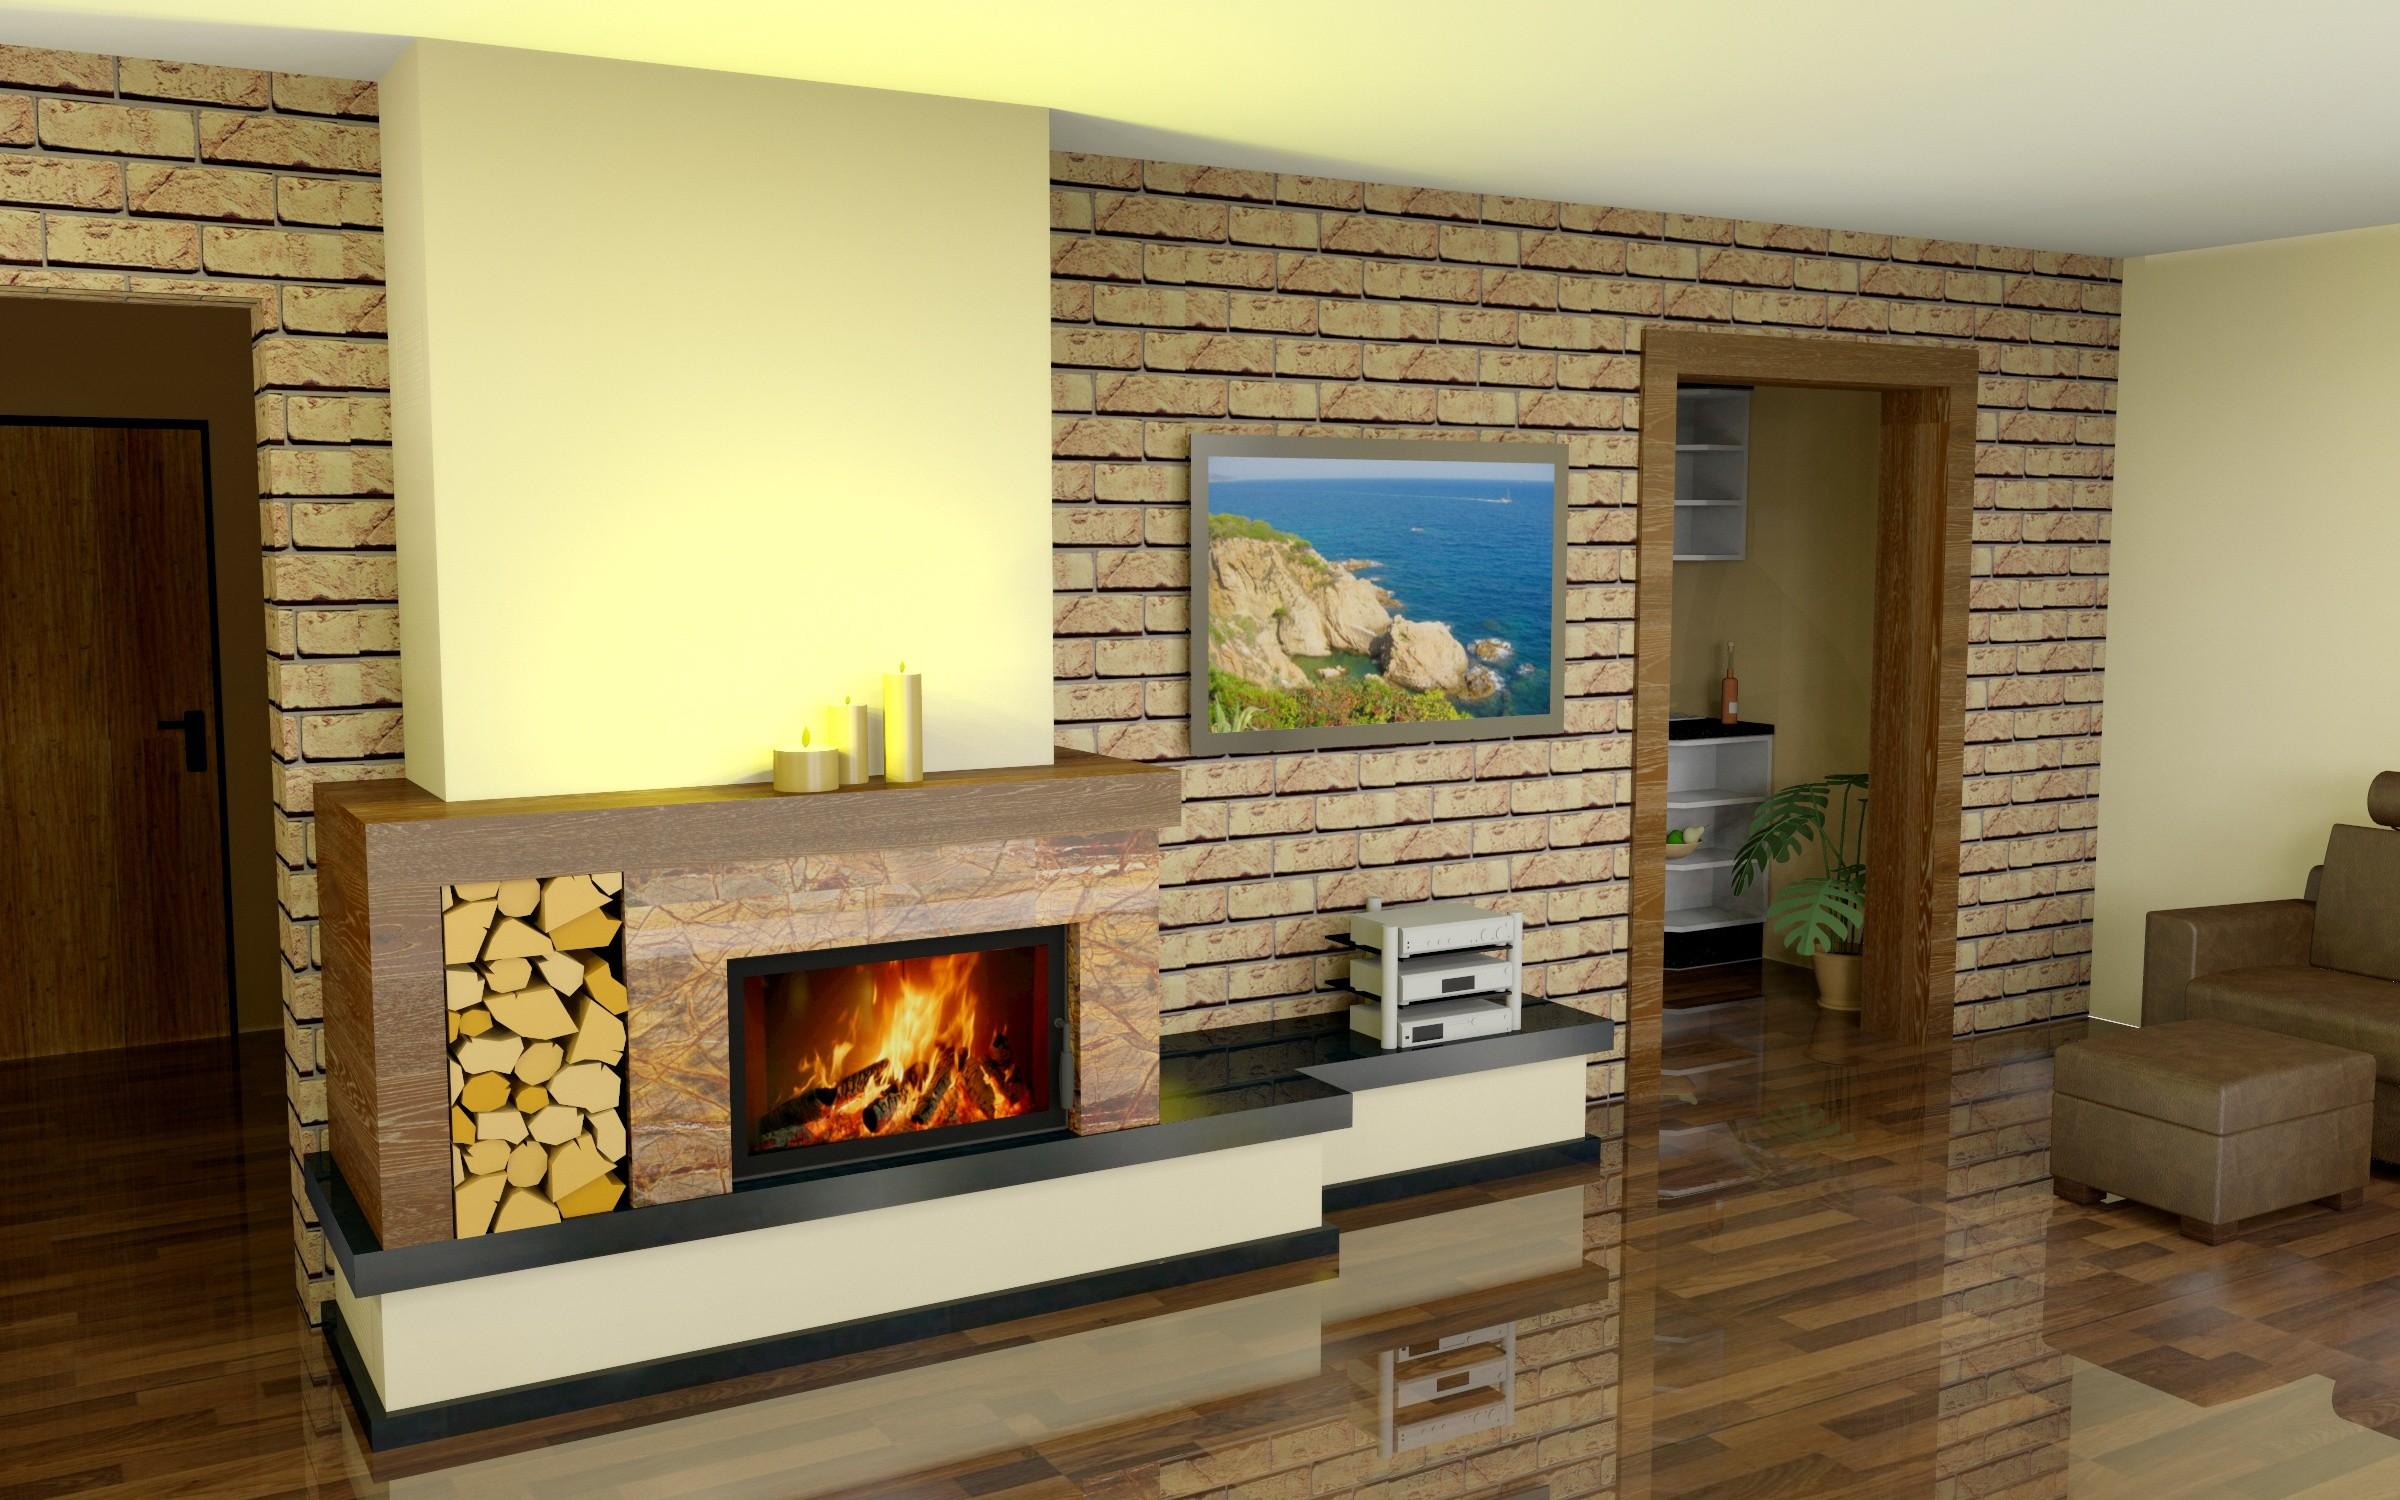 projekt kominka na bazie wkładu firmy hajduk projekt dom